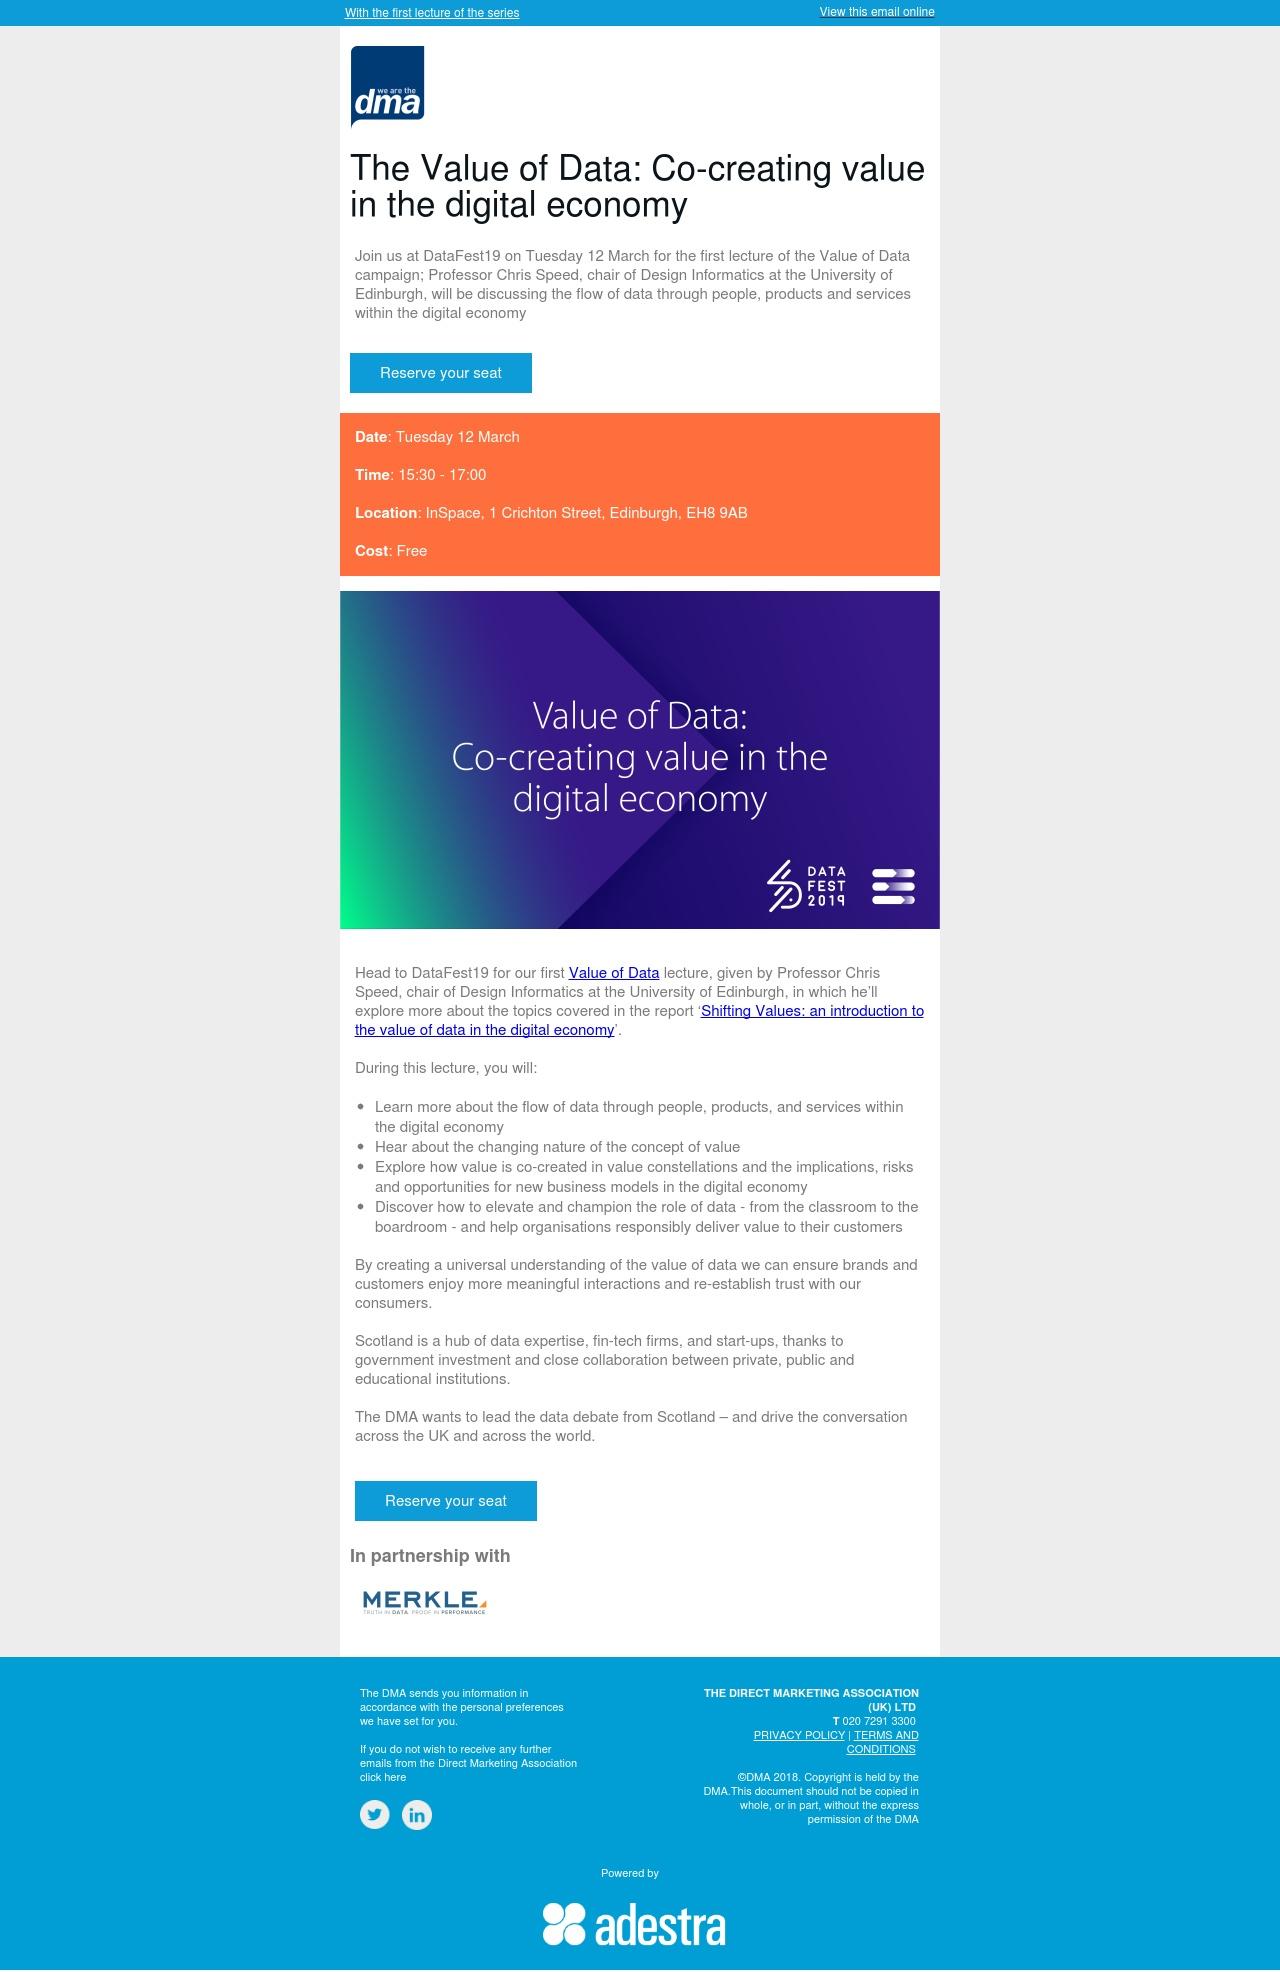 DMA VoD email.jpg